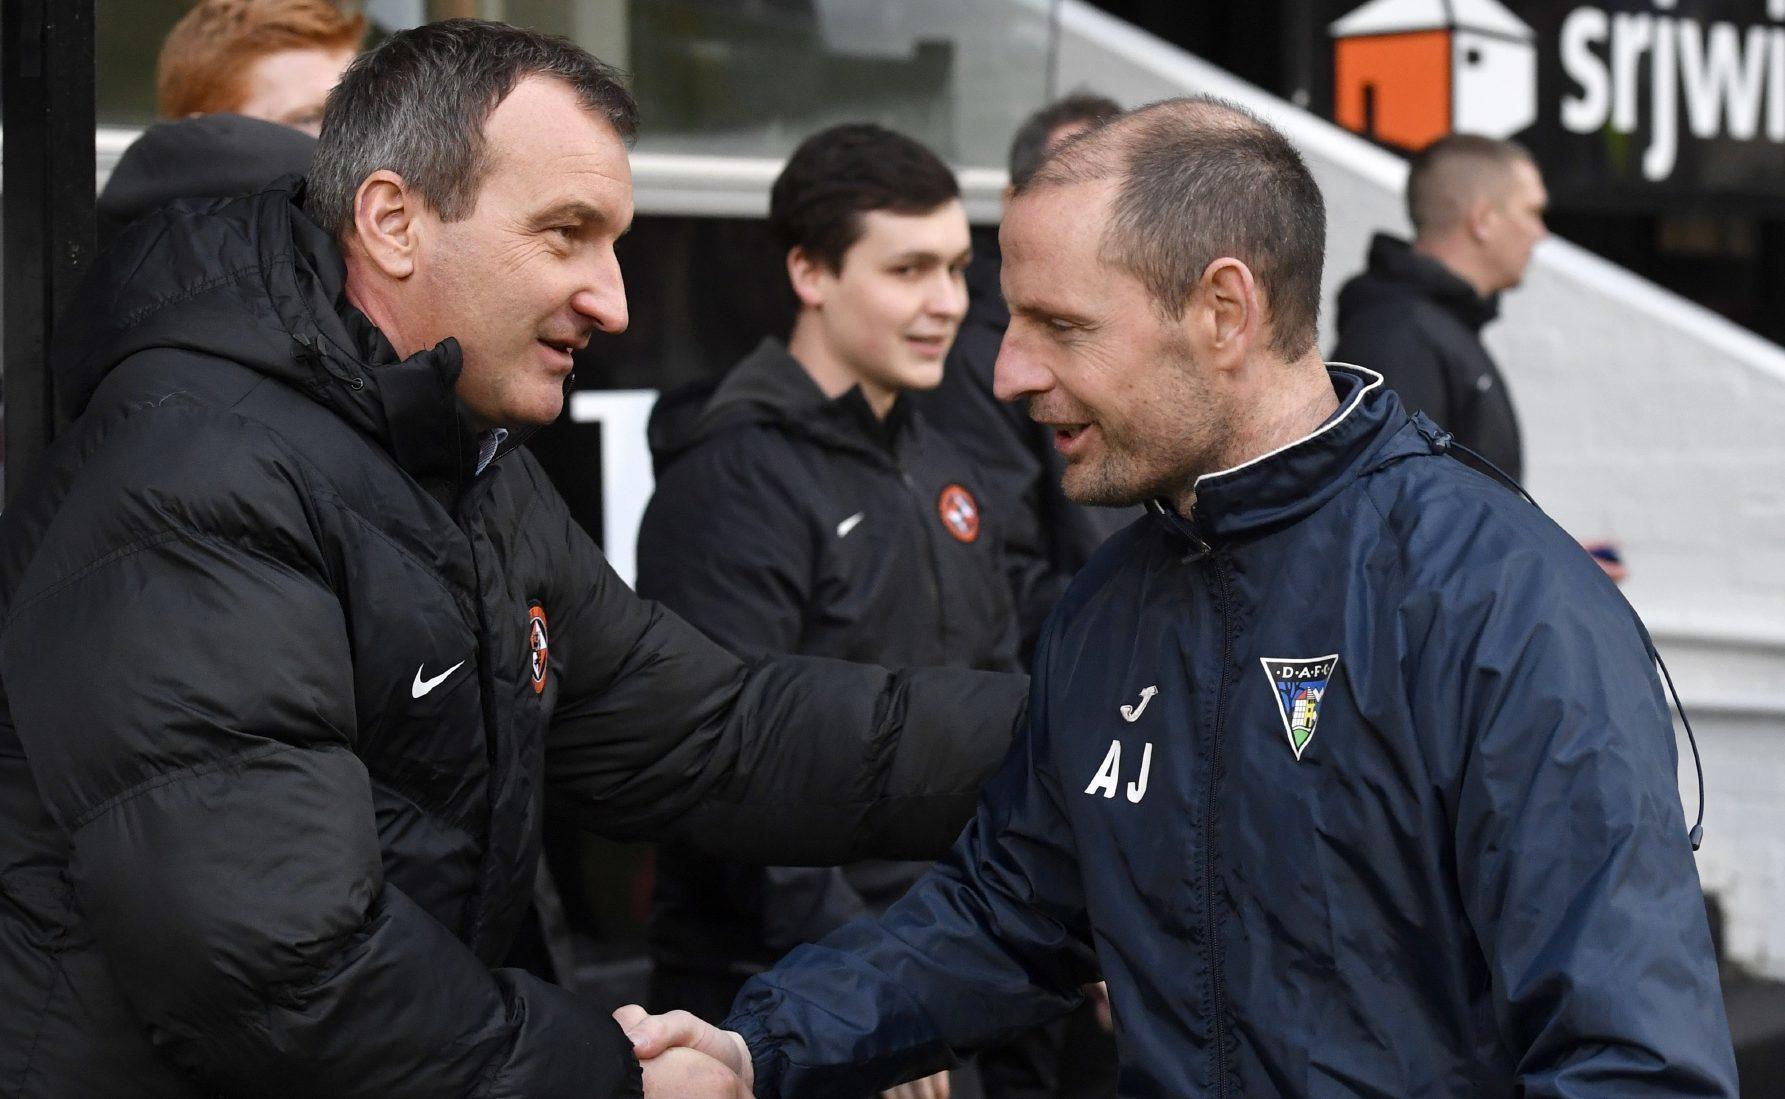 Csaba Laszlo and Allan Johnston shake hands.